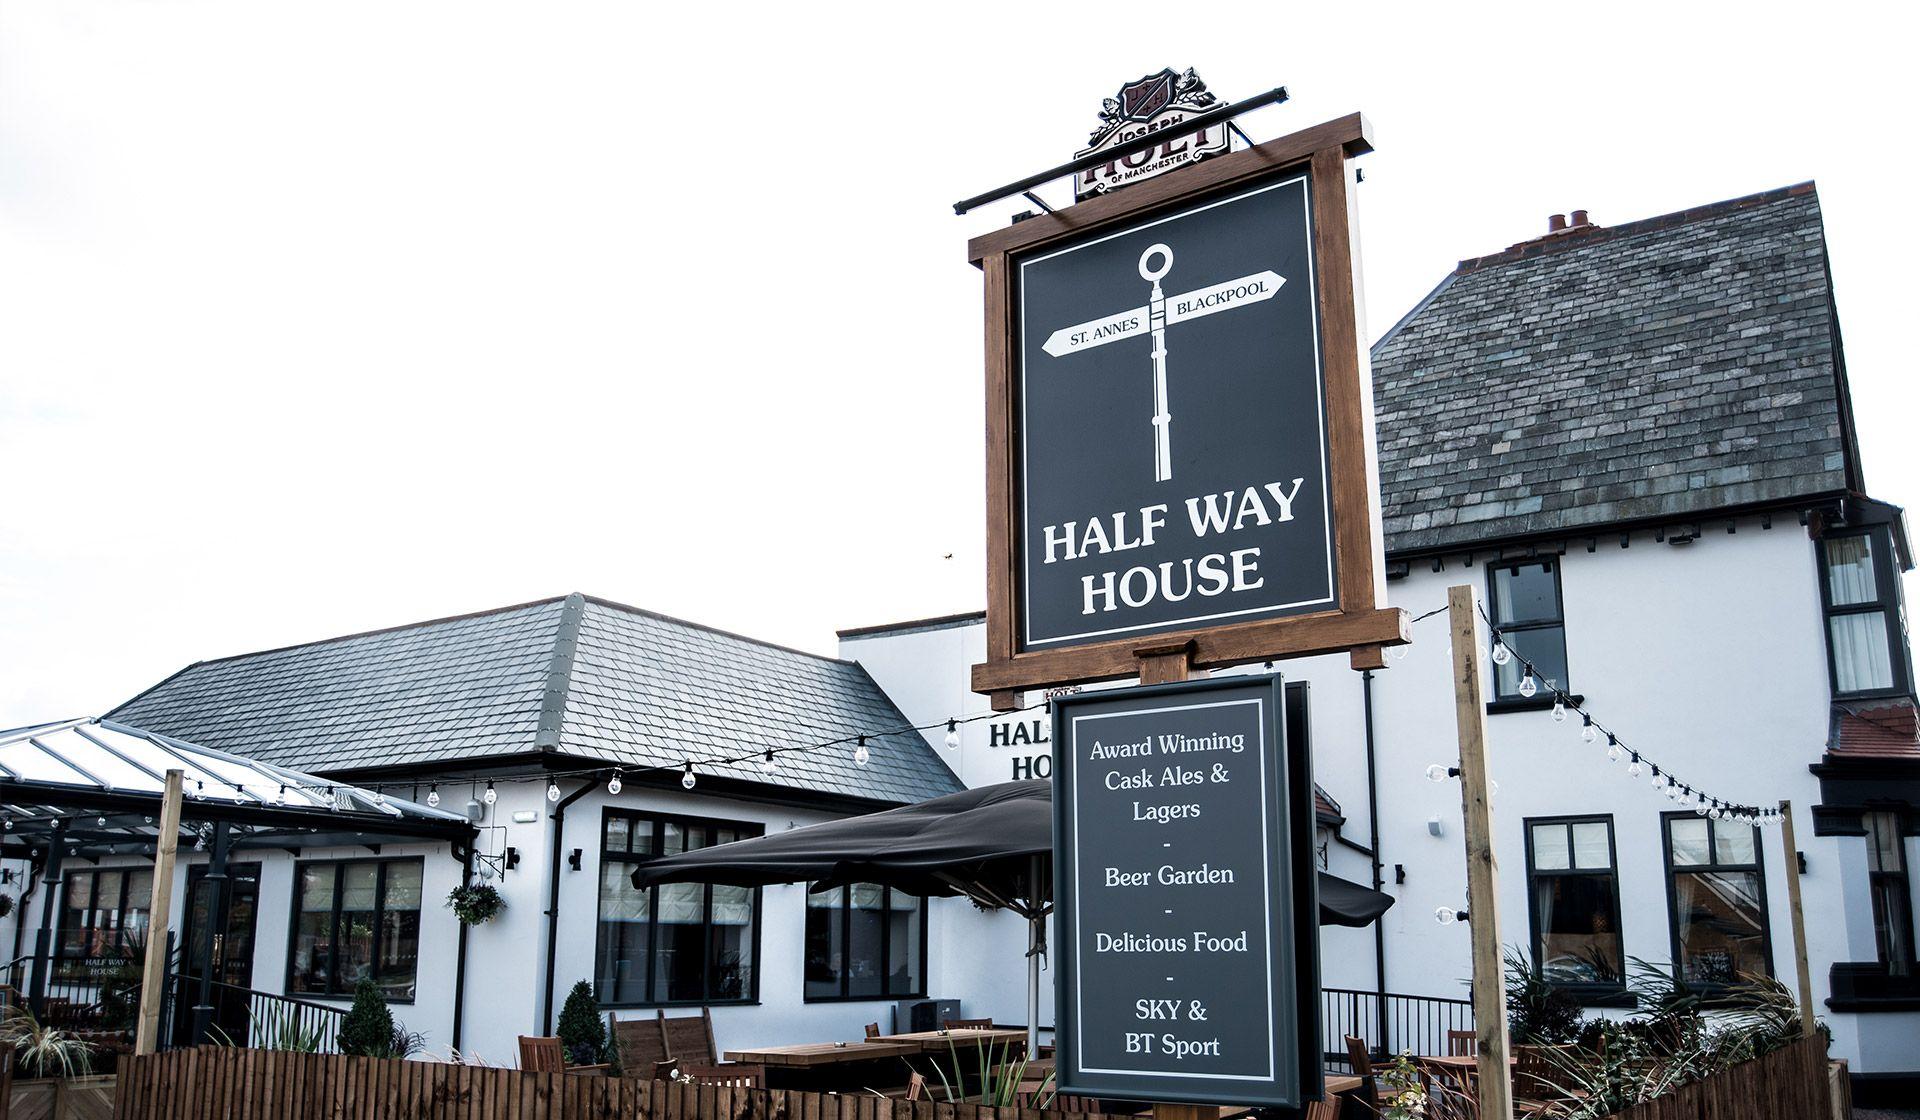 half way house blackpool featured pub